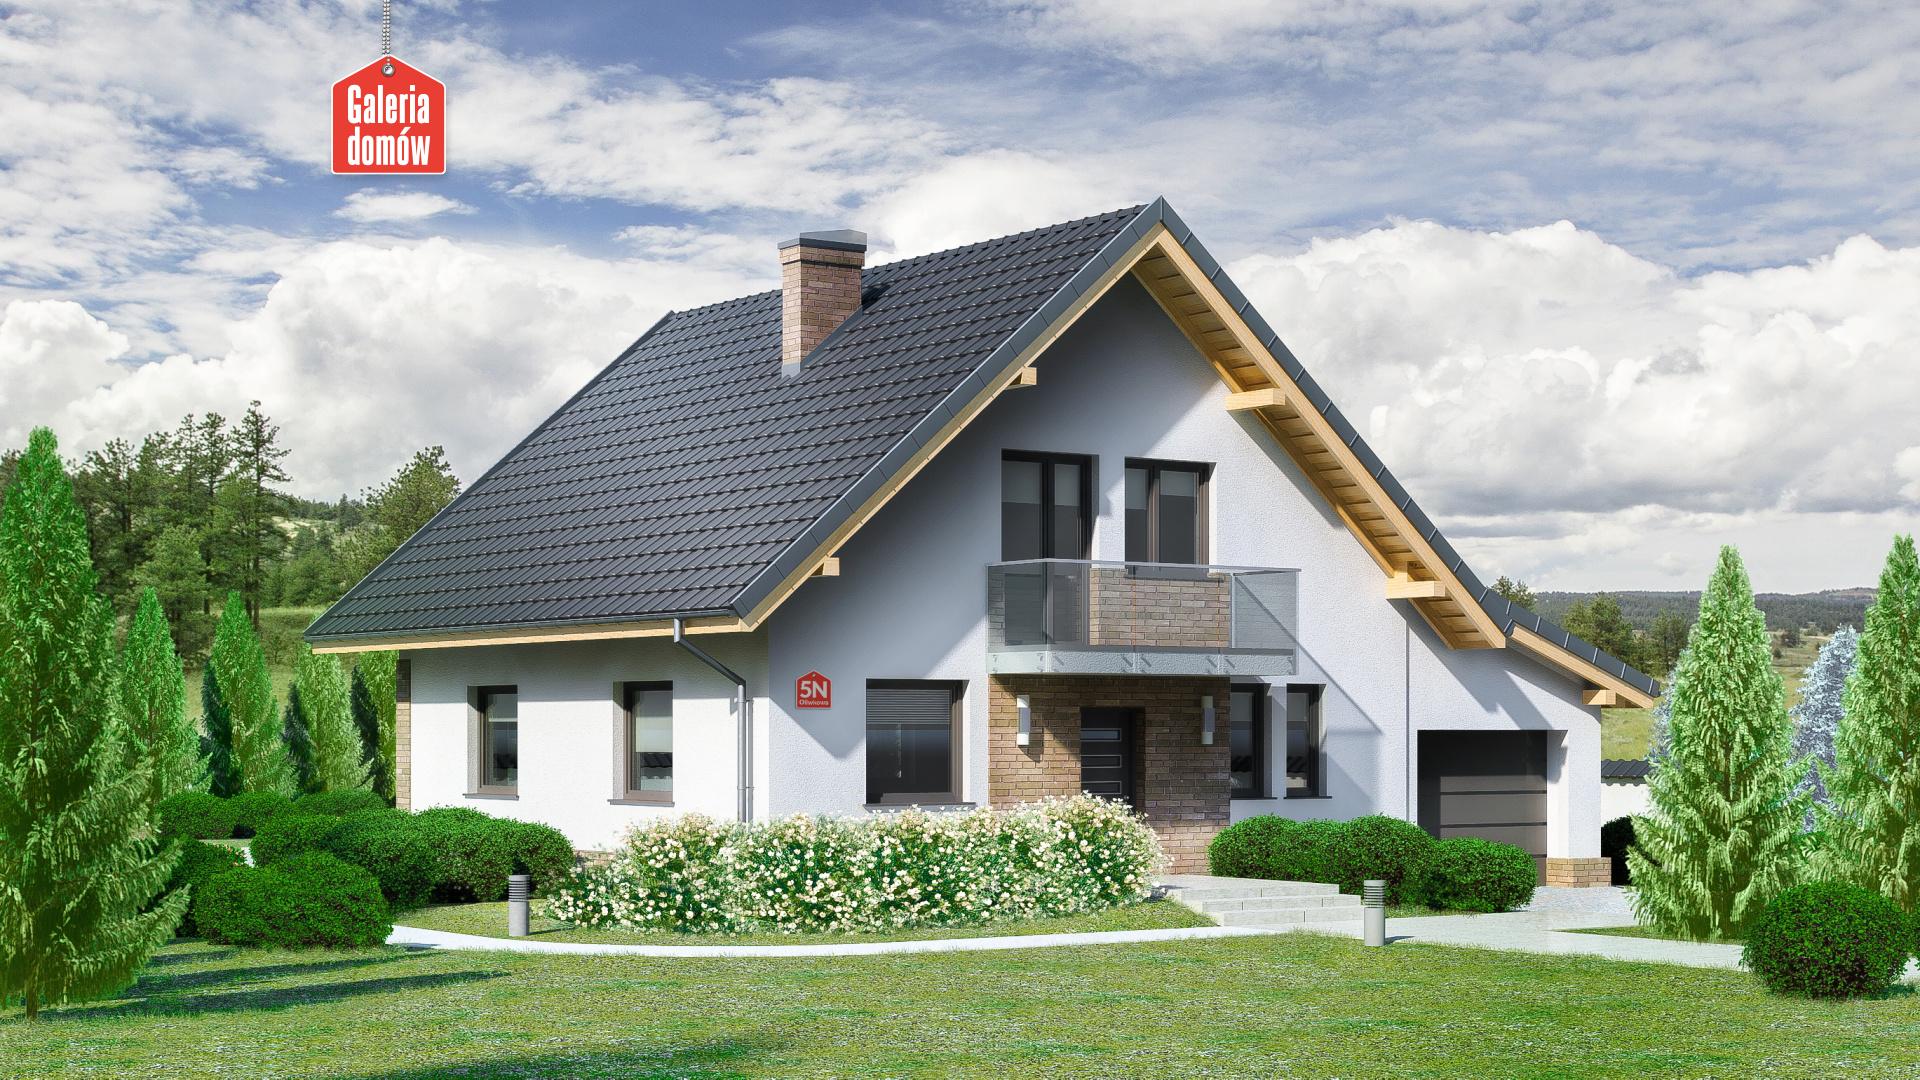 Dom przy Oliwkowej 5 N - zdjęcie projektu i wizualizacja